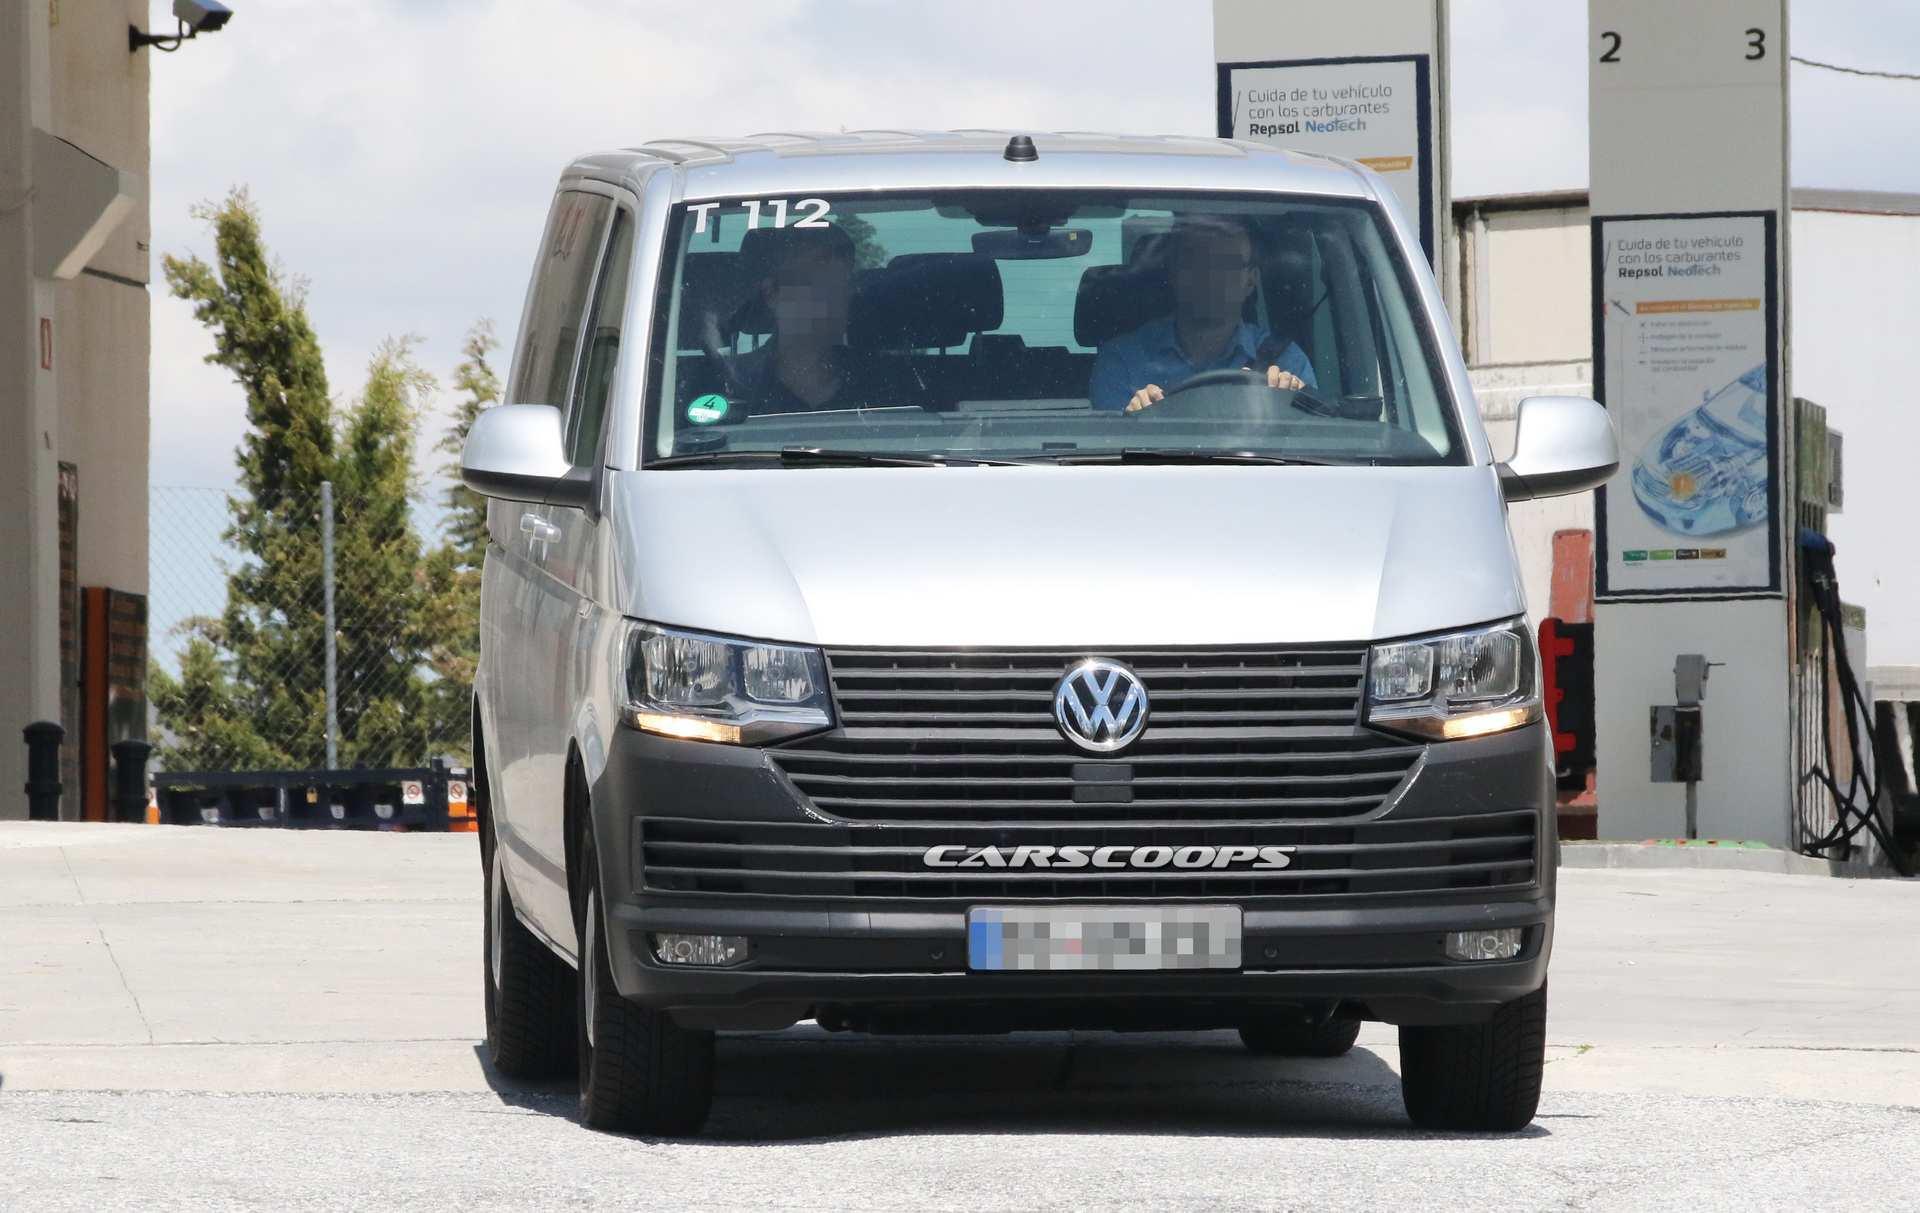 70 Great Volkswagen Transporter 2020 Picture for Volkswagen Transporter 2020